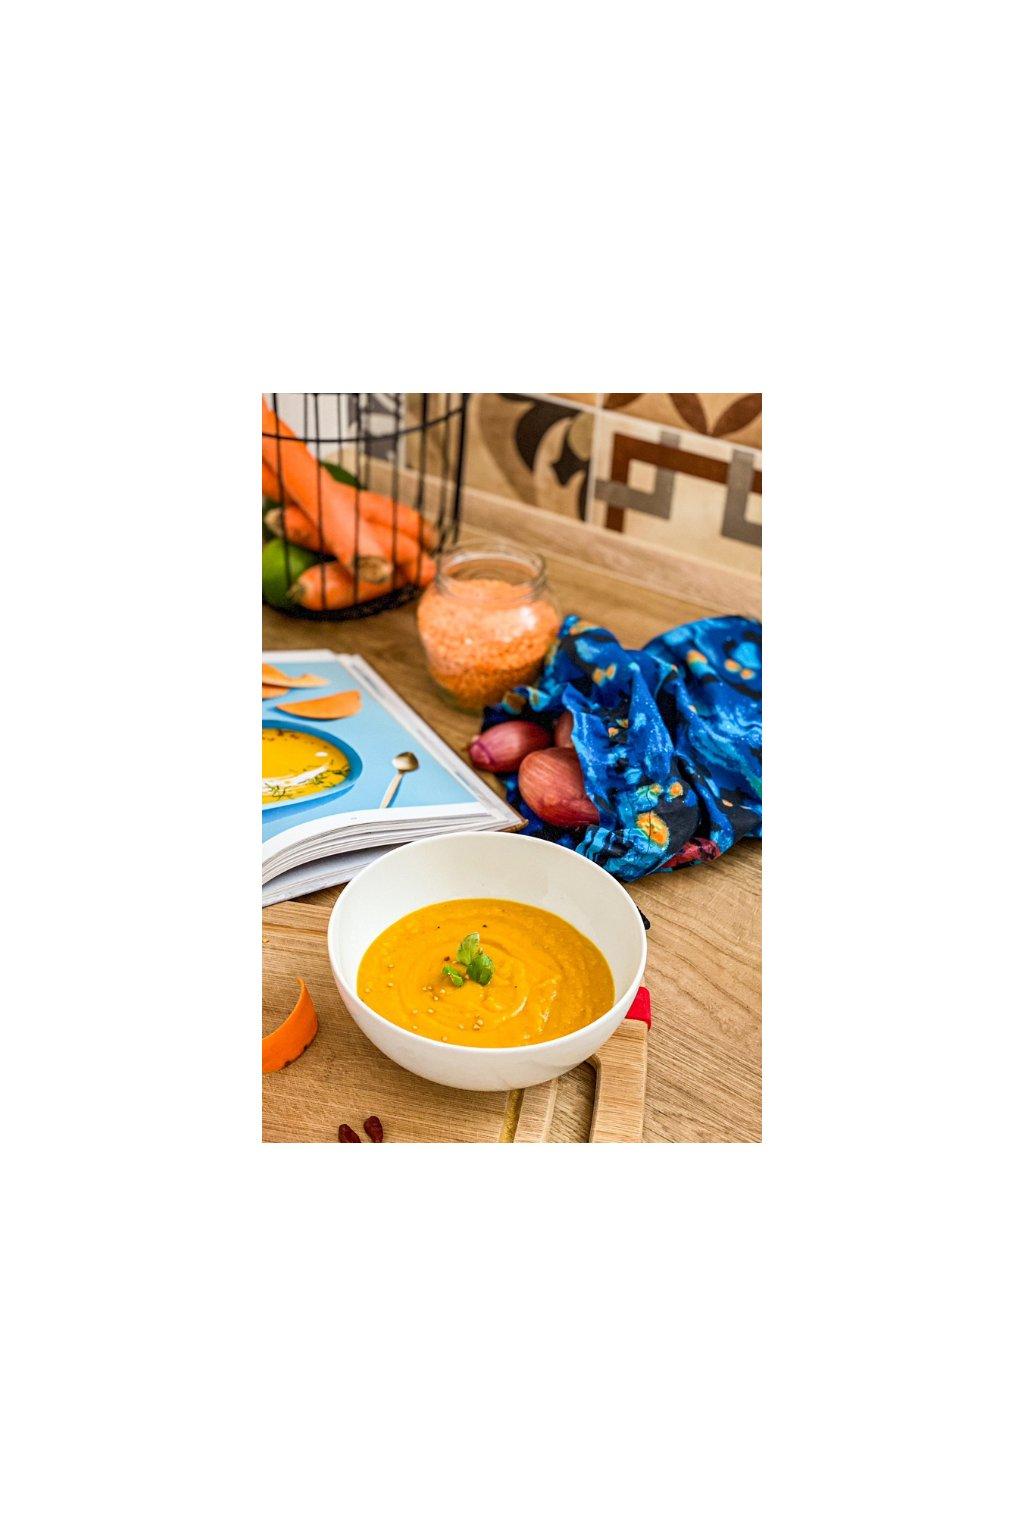 Vrecko na ovocie, zeleninu a pečivo • Vesmír Vreckonos